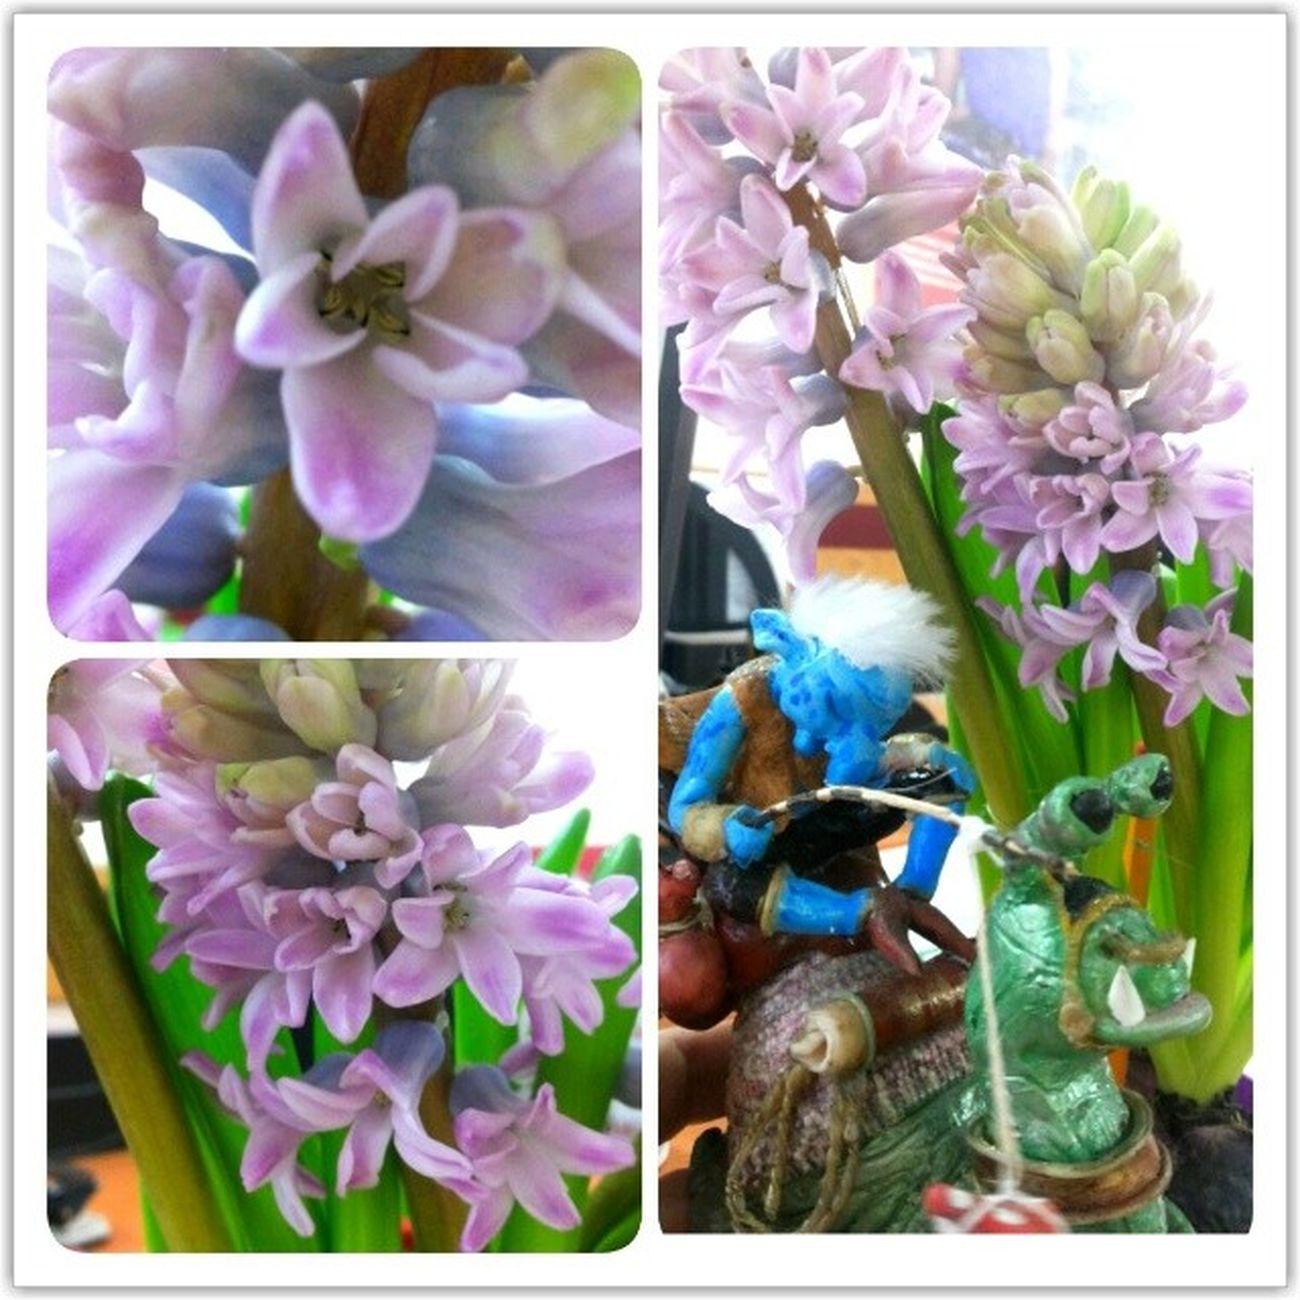 Переключаемся в режим весна ! запах потрясающий на весь офис , организм отказывается работать и требует праздника!